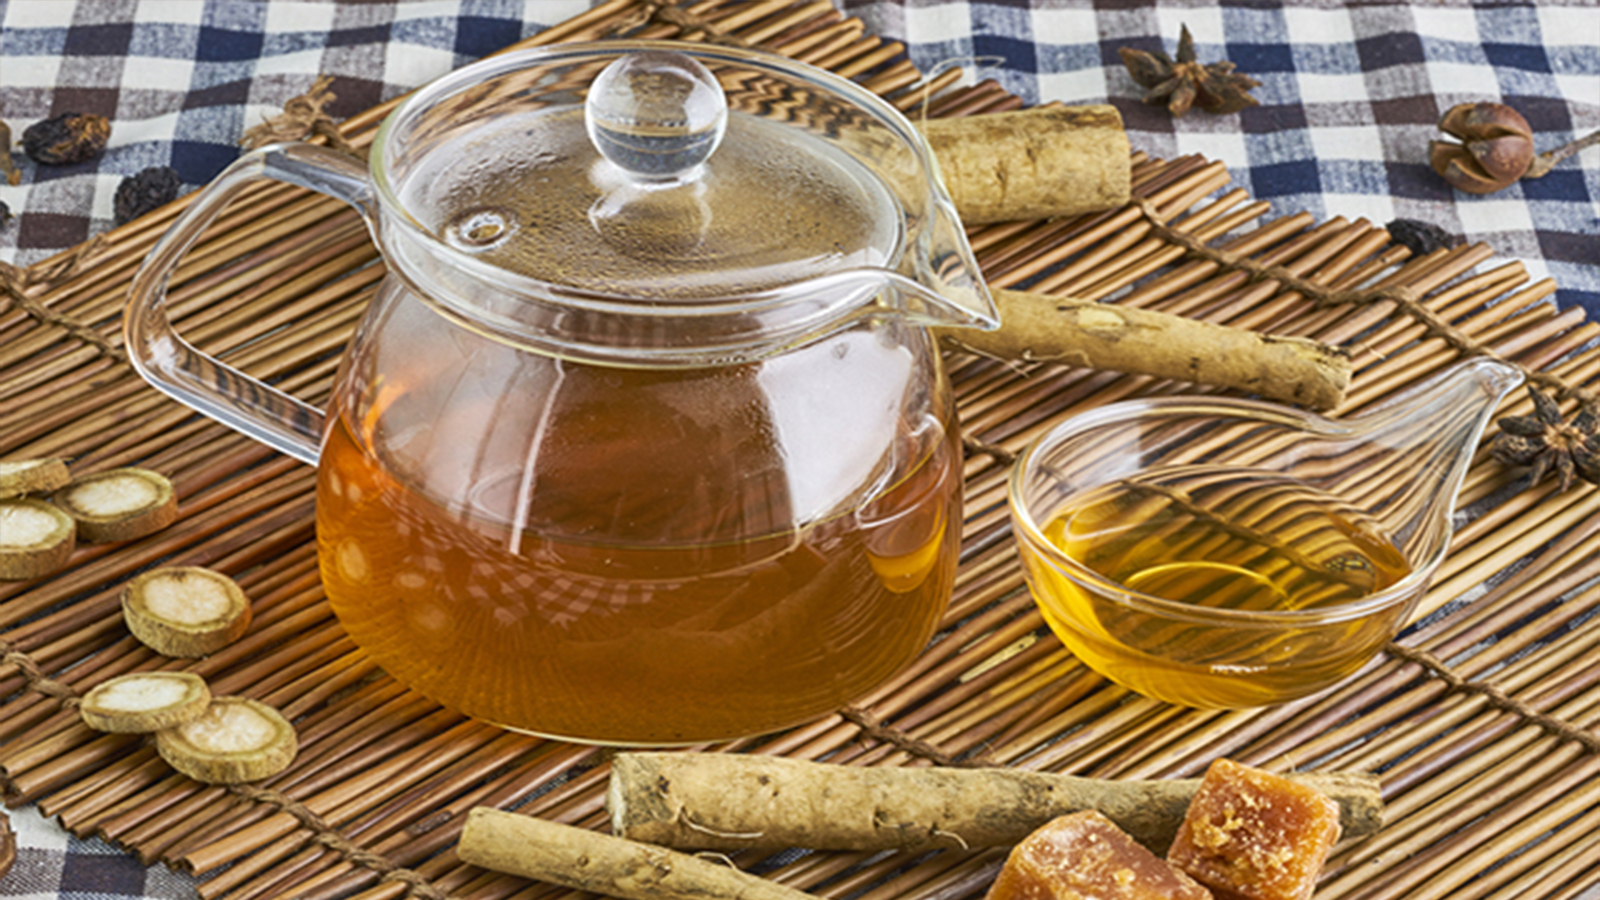 ごぼう茶ダイエットはどんな効果がある?コツとダイエット方法も紹介!